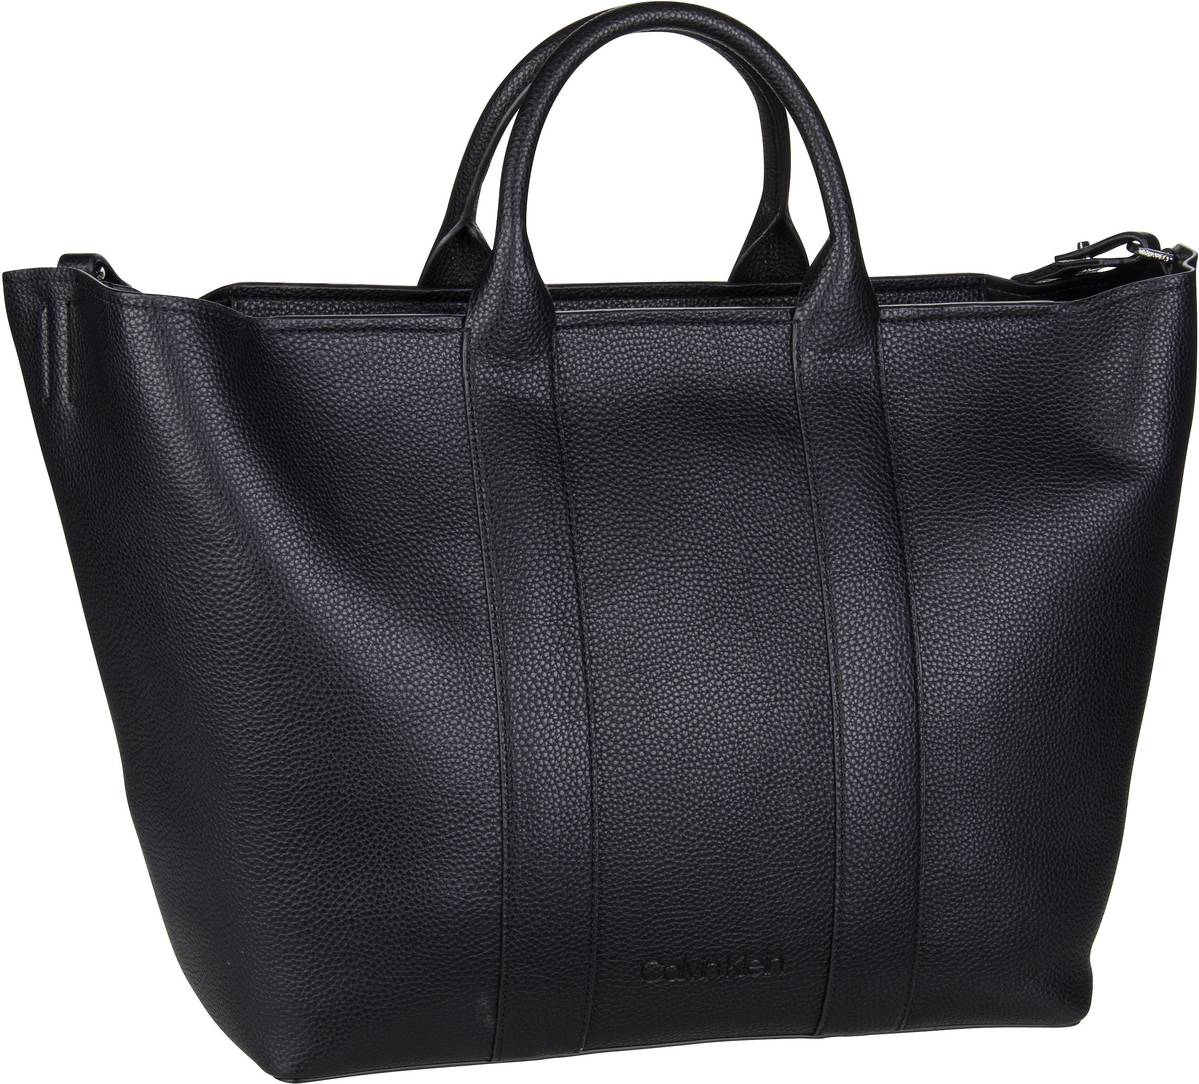 Handtasche Race EW Shopper Black